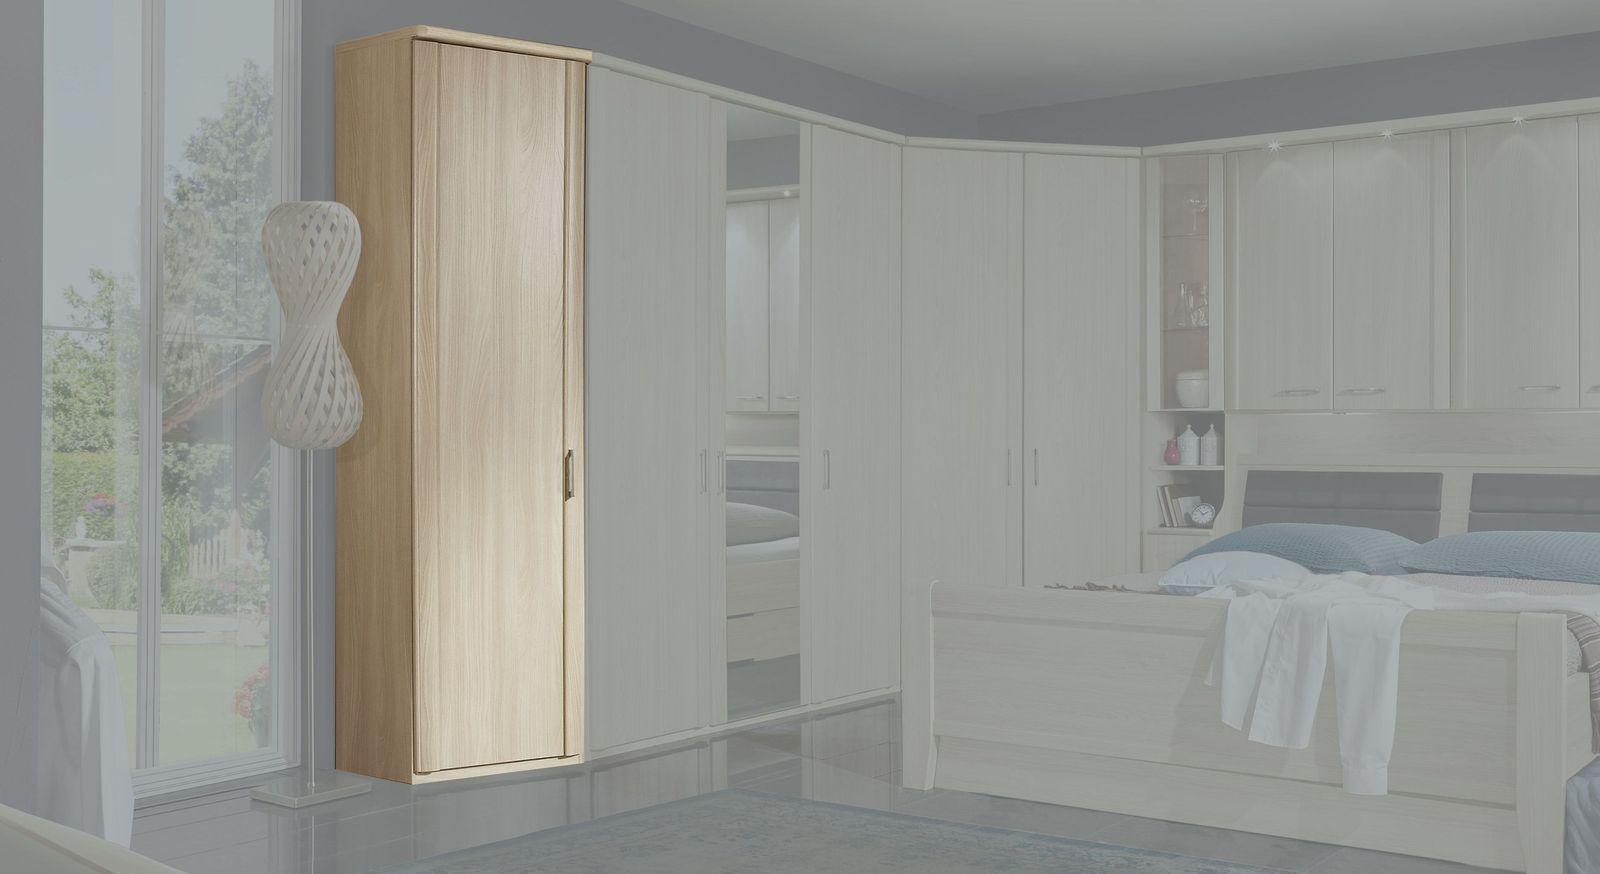 Kleiderschrank-Abschlusselement Palena als Erweiterung zu Schlafzimmermöbeln